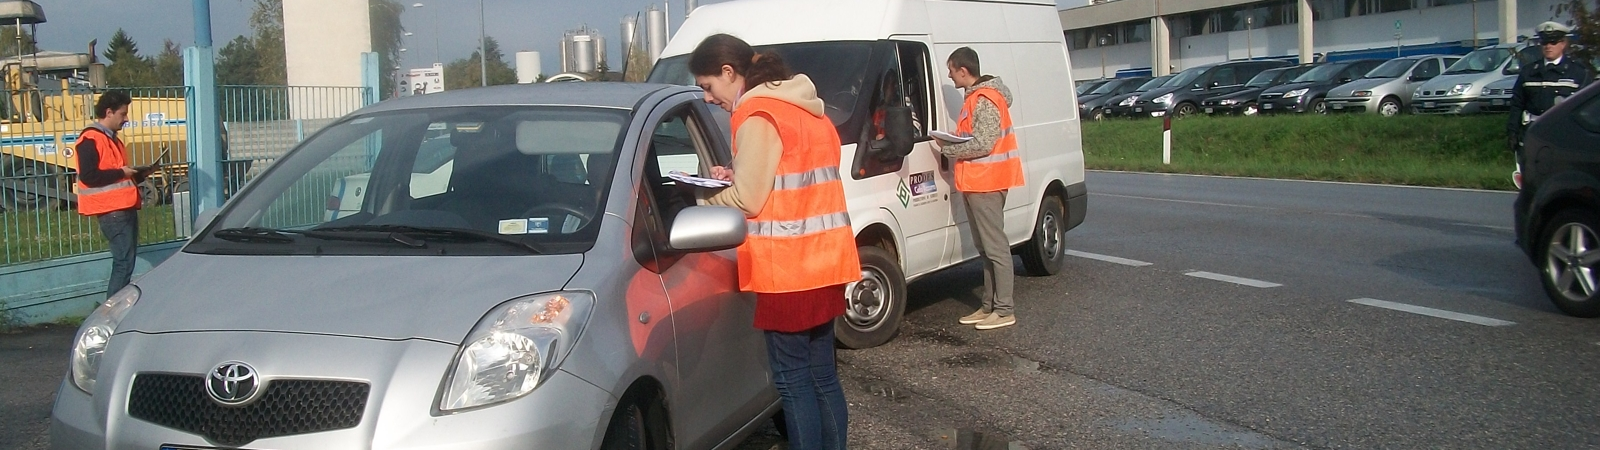 indagini frontali face to face al cordone stradale, indagini Origine/Destinazione sulla mobilita' delle persone e delle merci